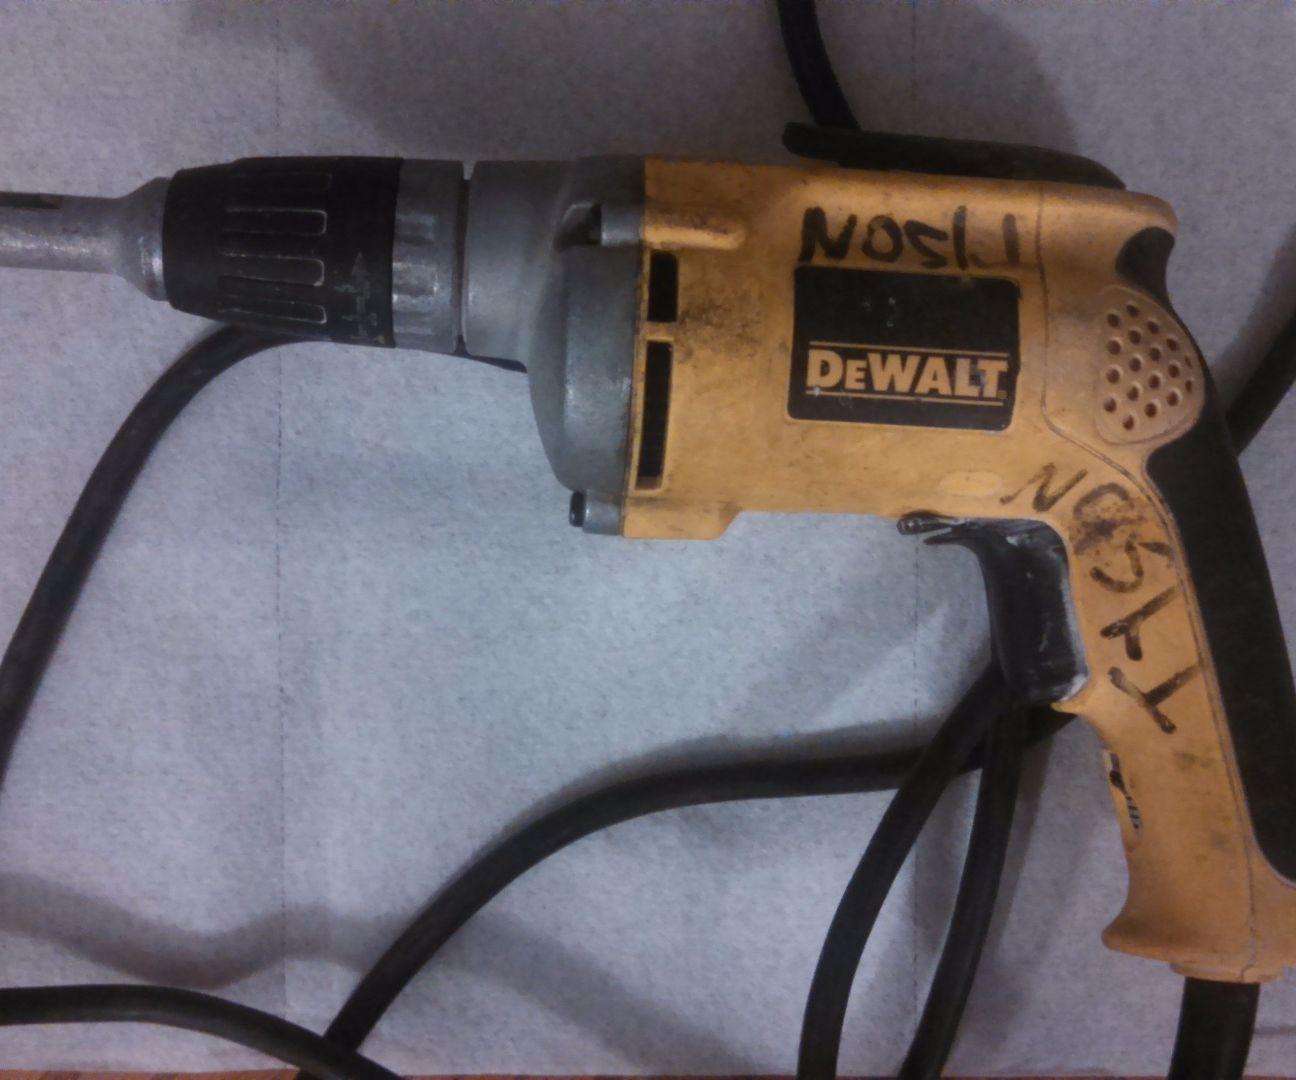 Dewalt Drywall Scrugun Repair: 6 Steps (with Pictures) on